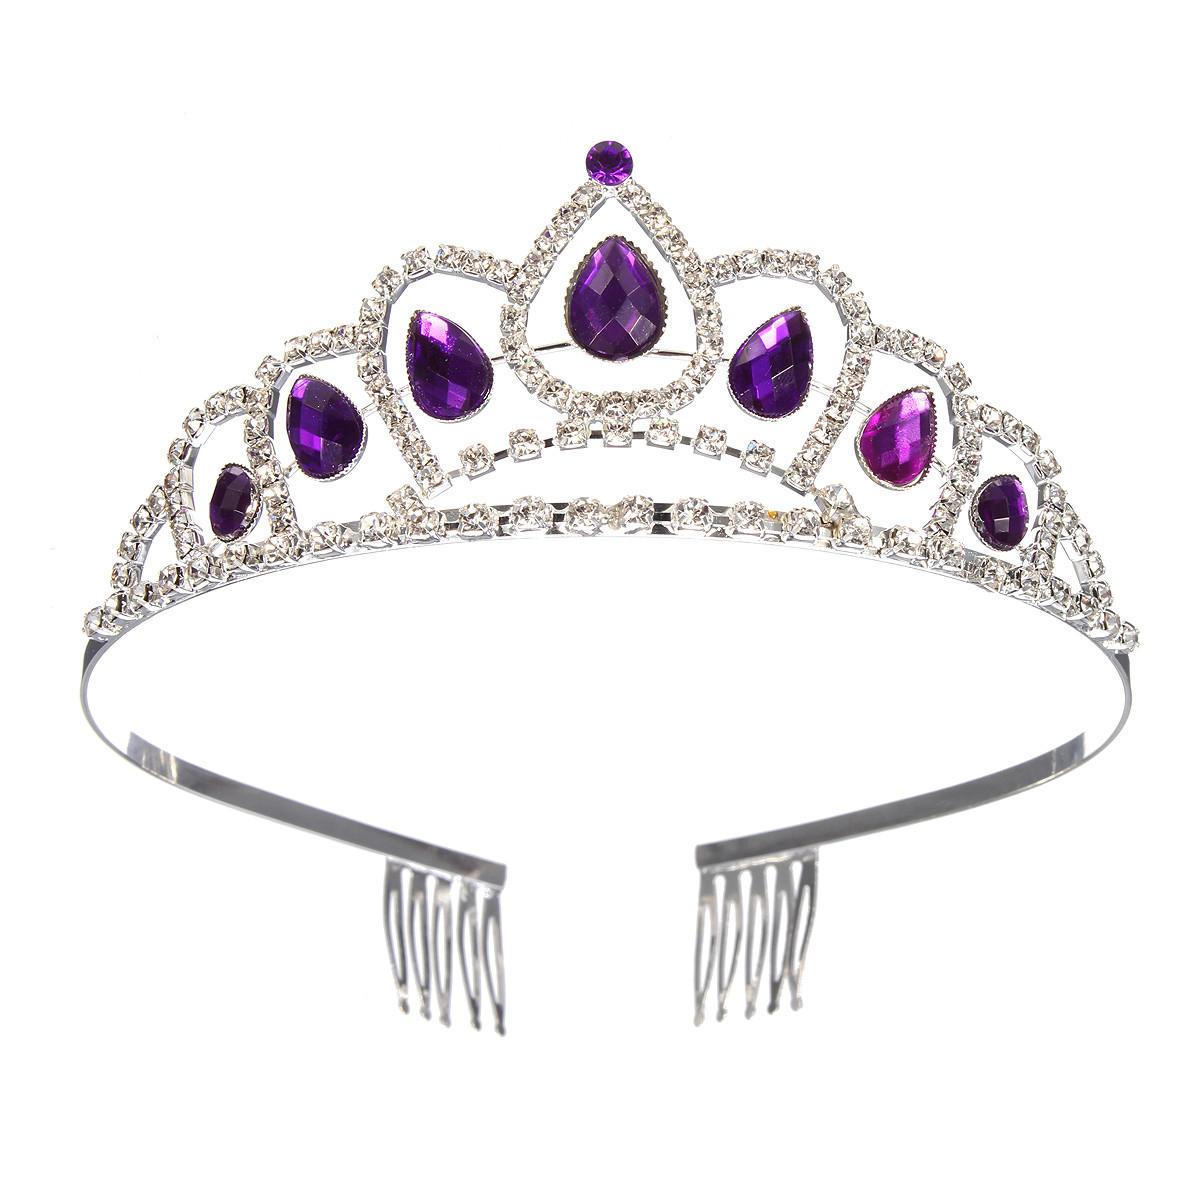 Noiva roxa diamante cristal rhinestone coroa rei rainha tiara festa de casamento com pente